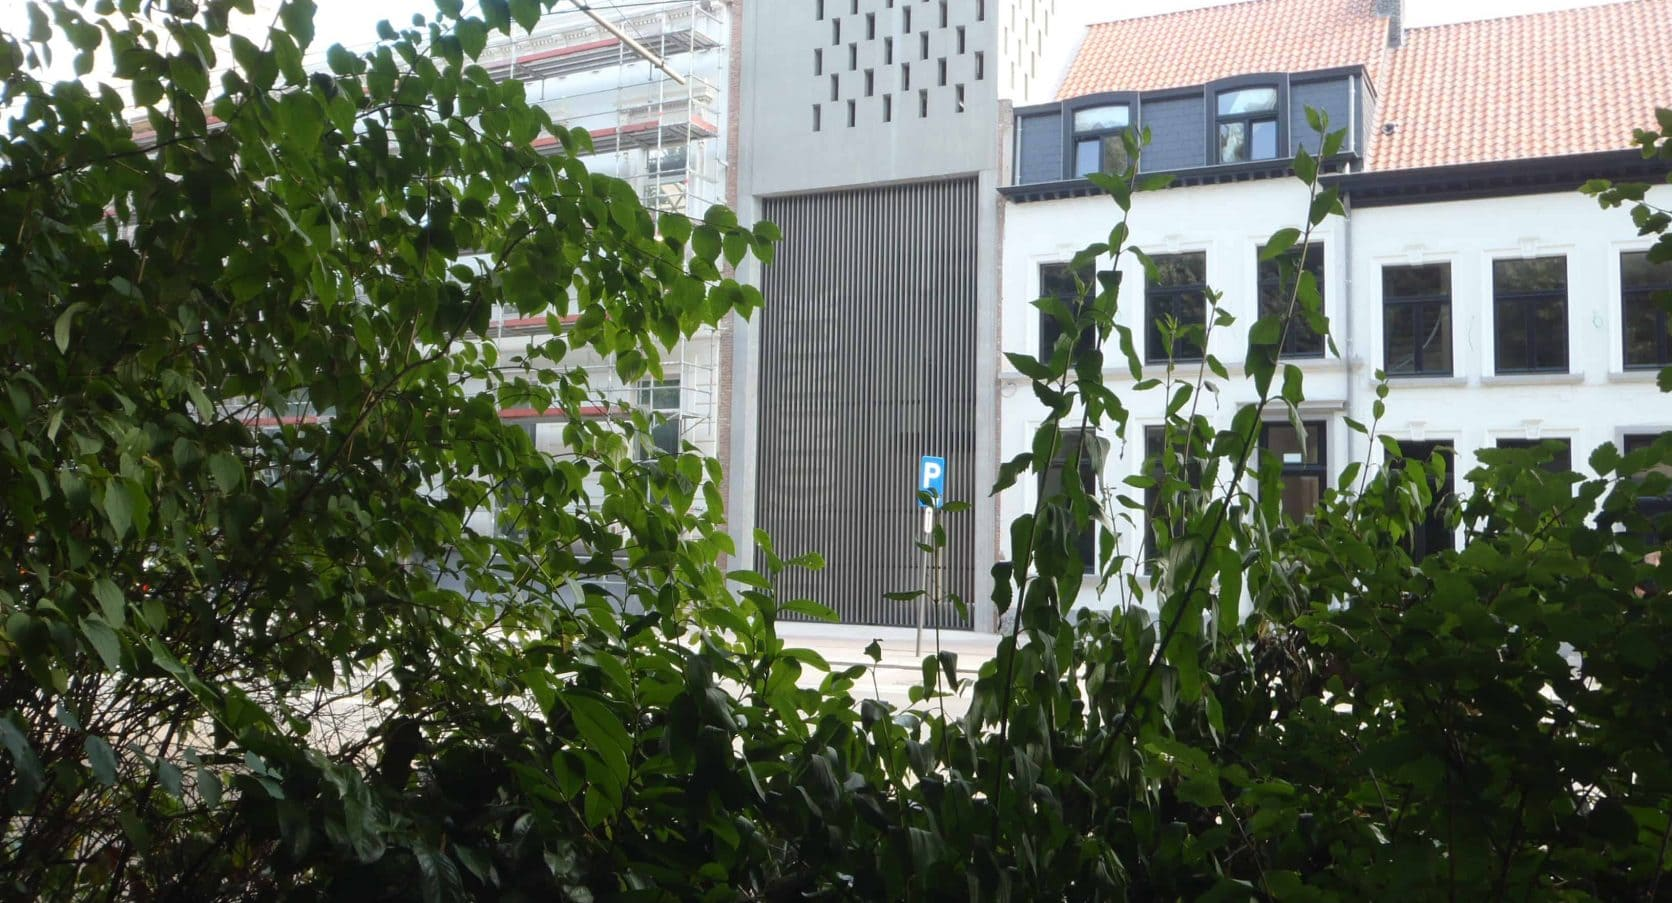 MD Designperforatie, geperforeerd stalen, toegangspoort voor de Brouwerij De Koninck in Antwerpen te België